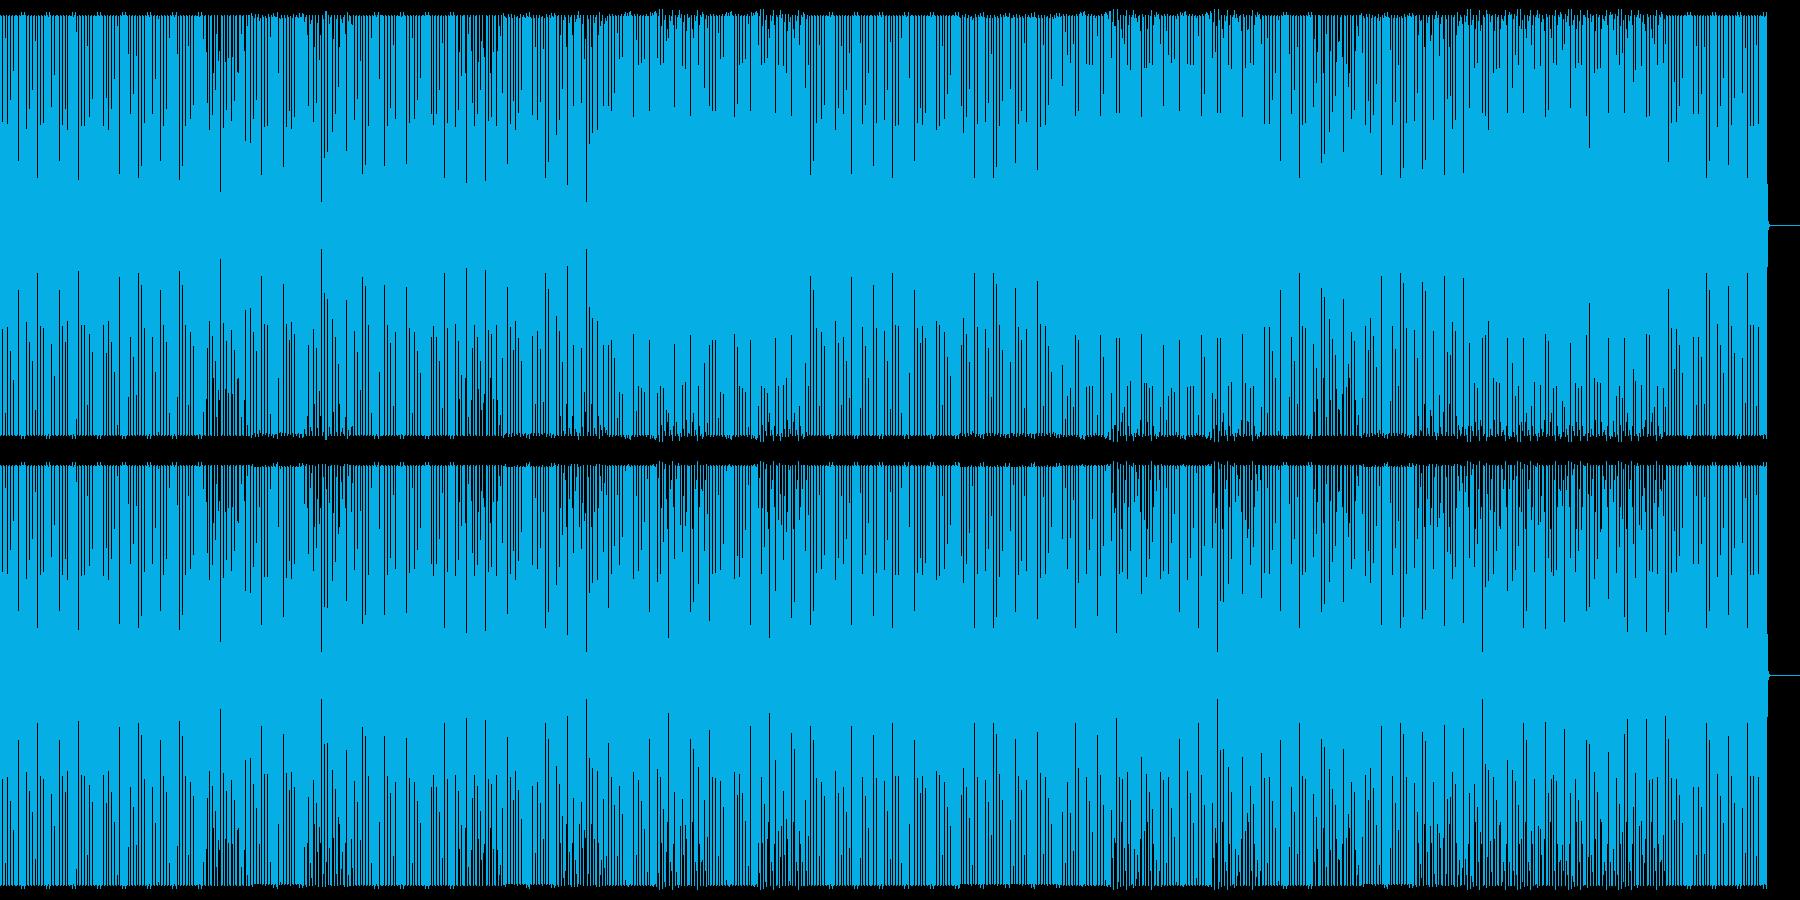 テクノ/クラブ/ビートトラック/#2の再生済みの波形